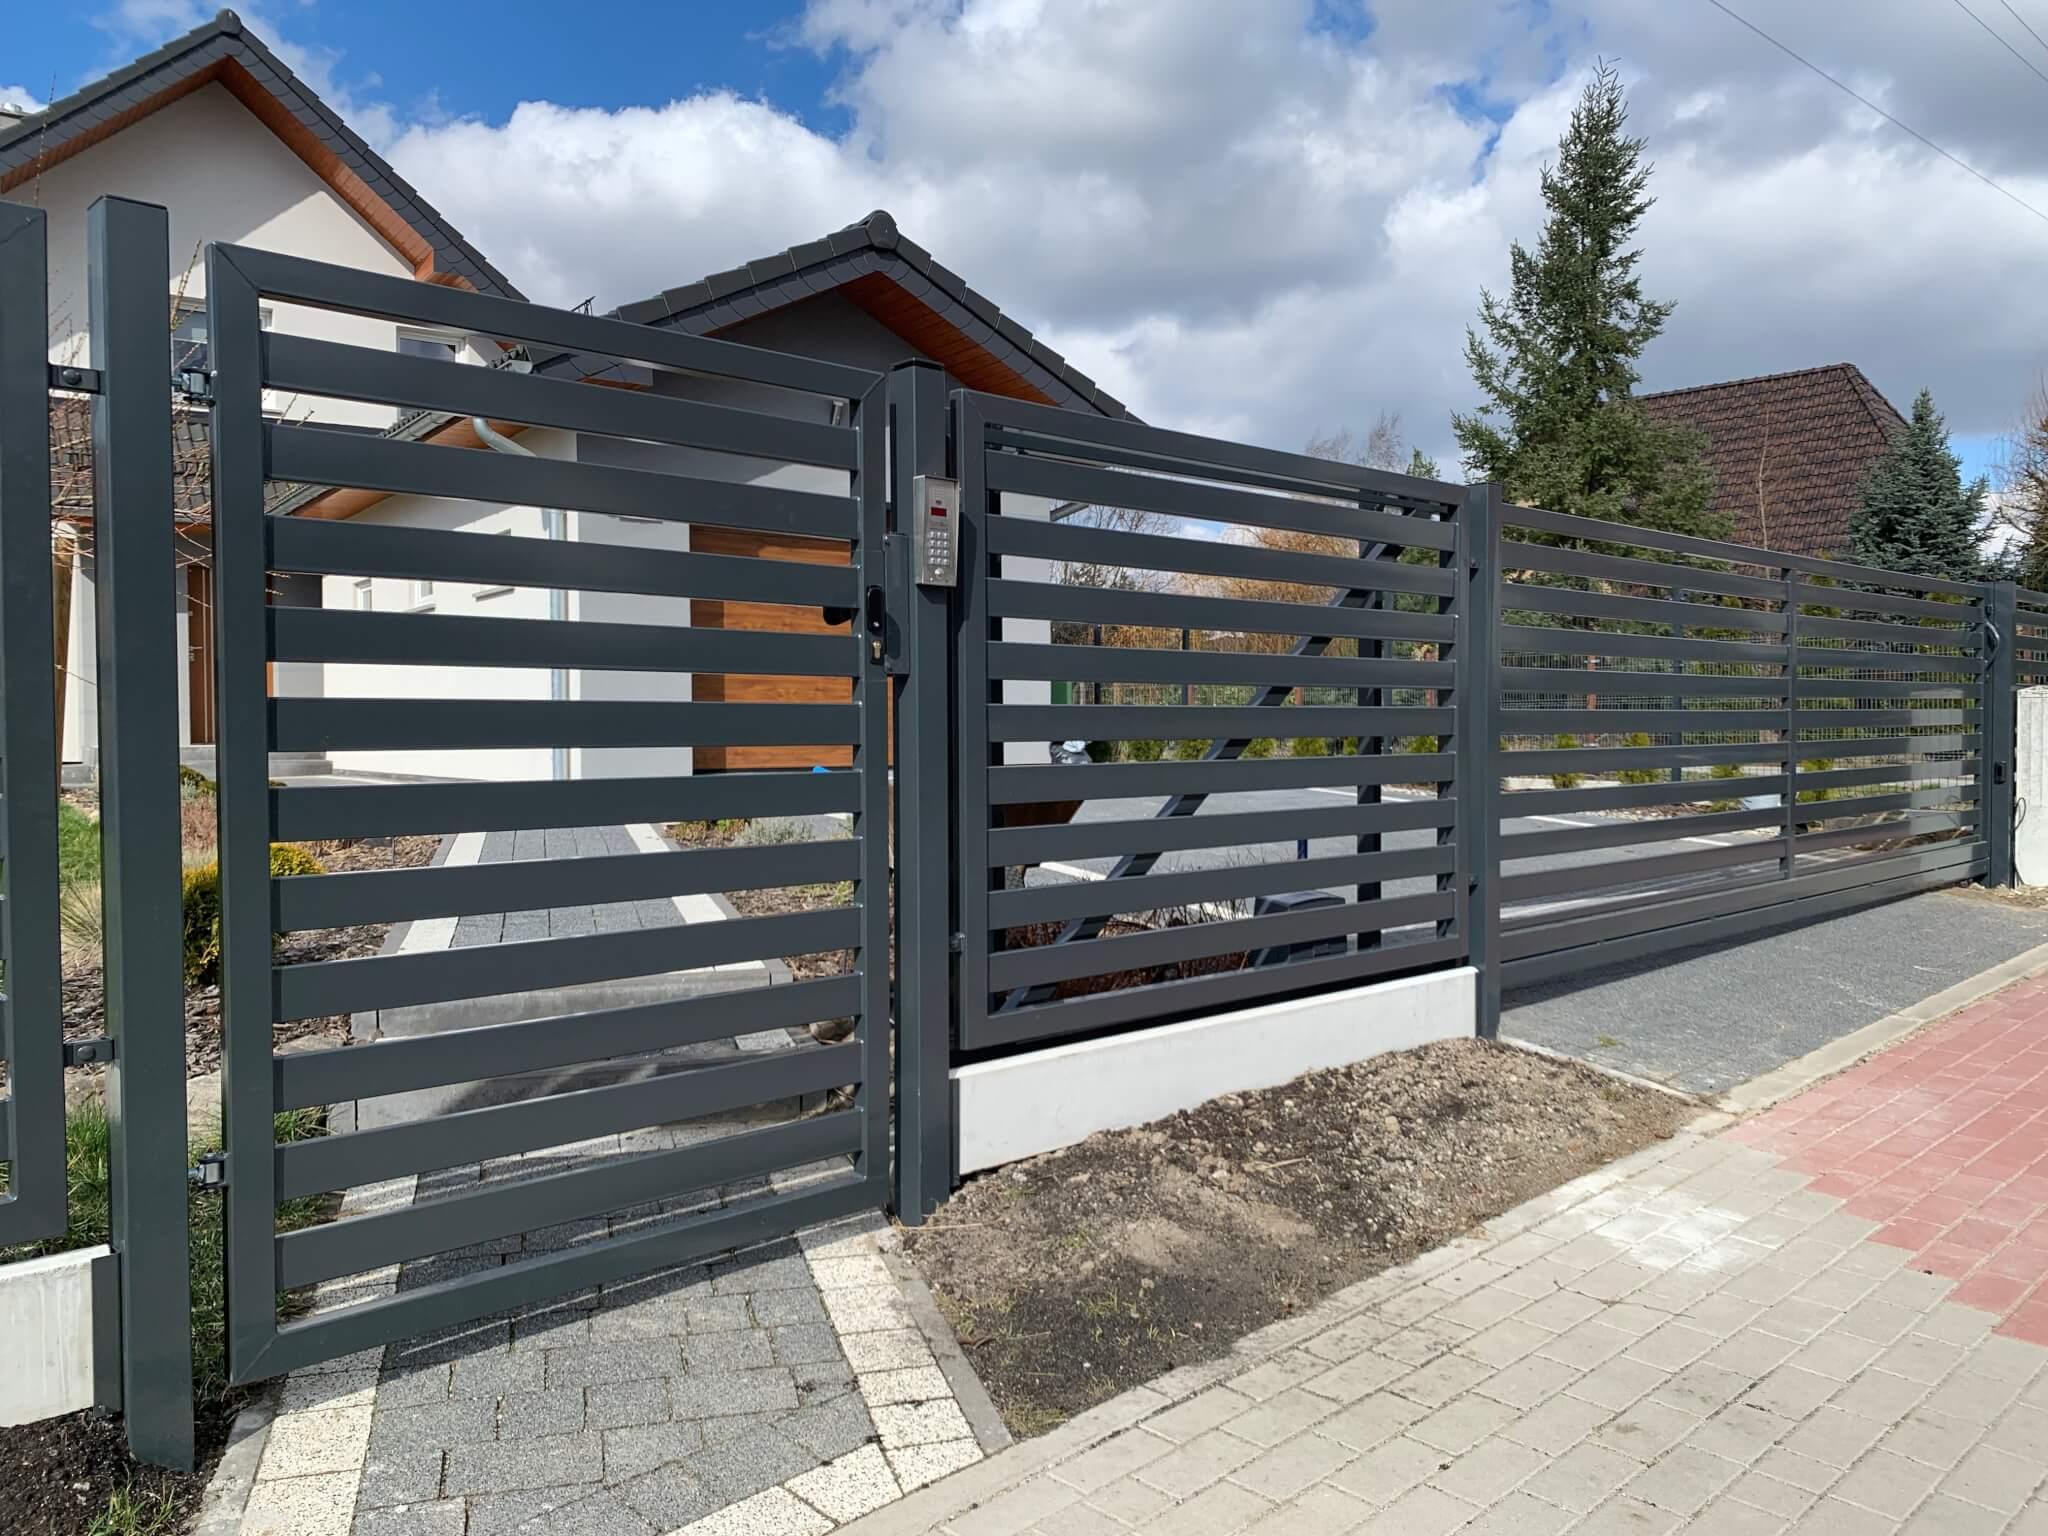 Cudowna Ogrodzenia posesyjne, ogrodzenia frontowe, ogrodzenia z profili RR25